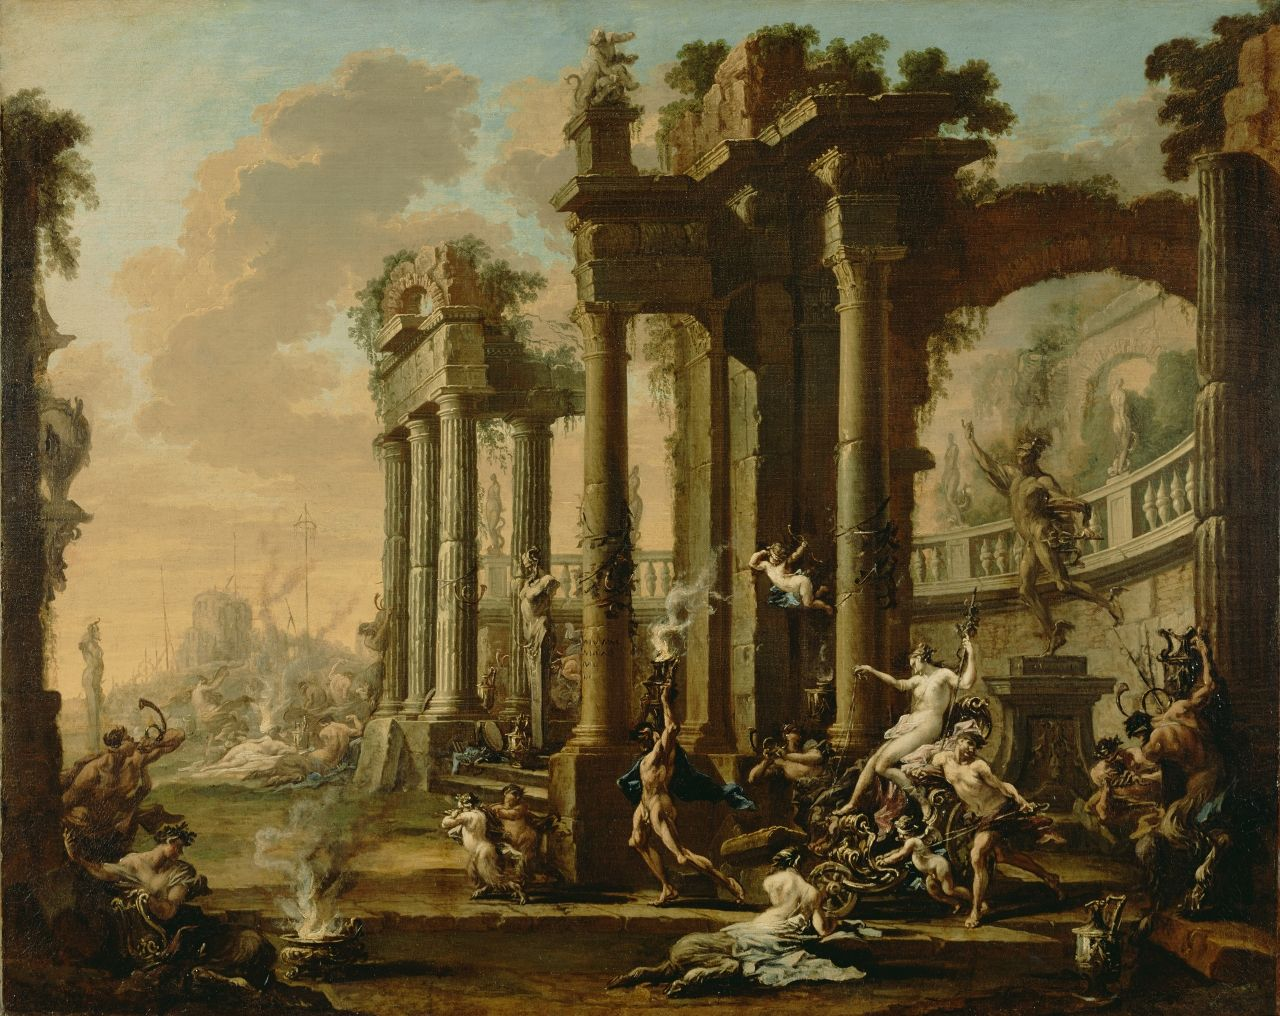 The Triumph of Venus | Alessandro Magnasco | Oil Painting